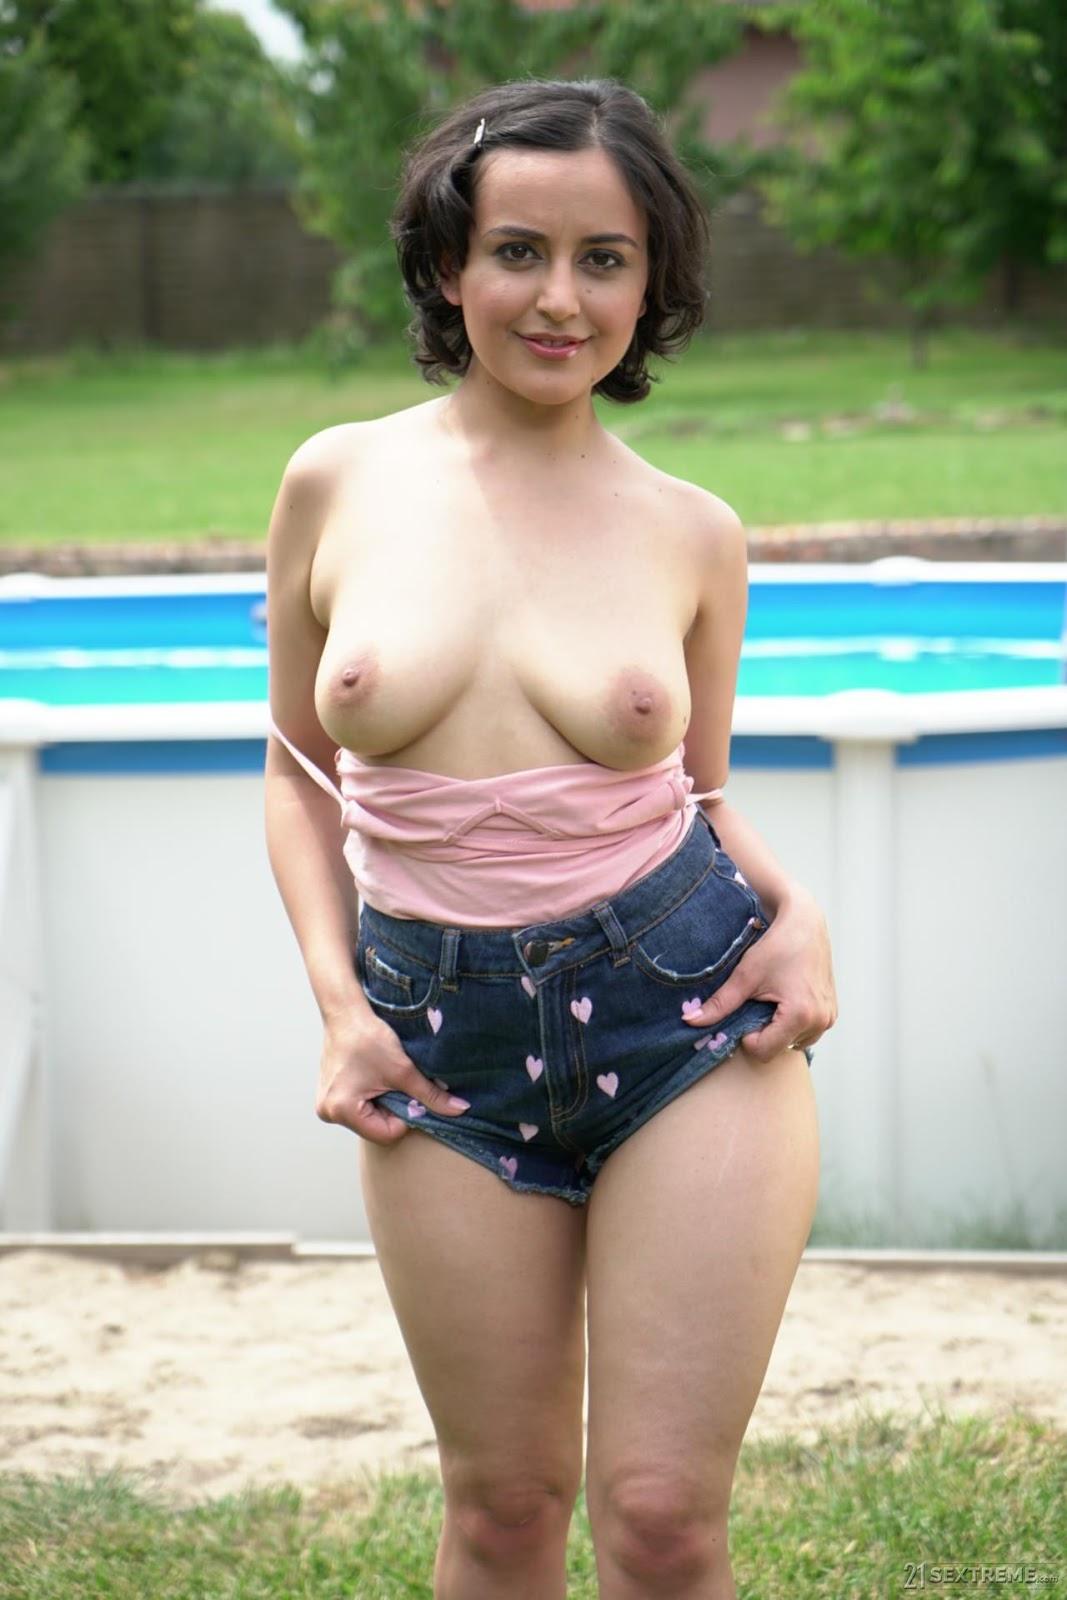 21 SEXTREME, 4K, Anal, My Second Grandpa, Threesome, Uncensored, Westen, Westen Porn, BrunoSX , Yasmeena